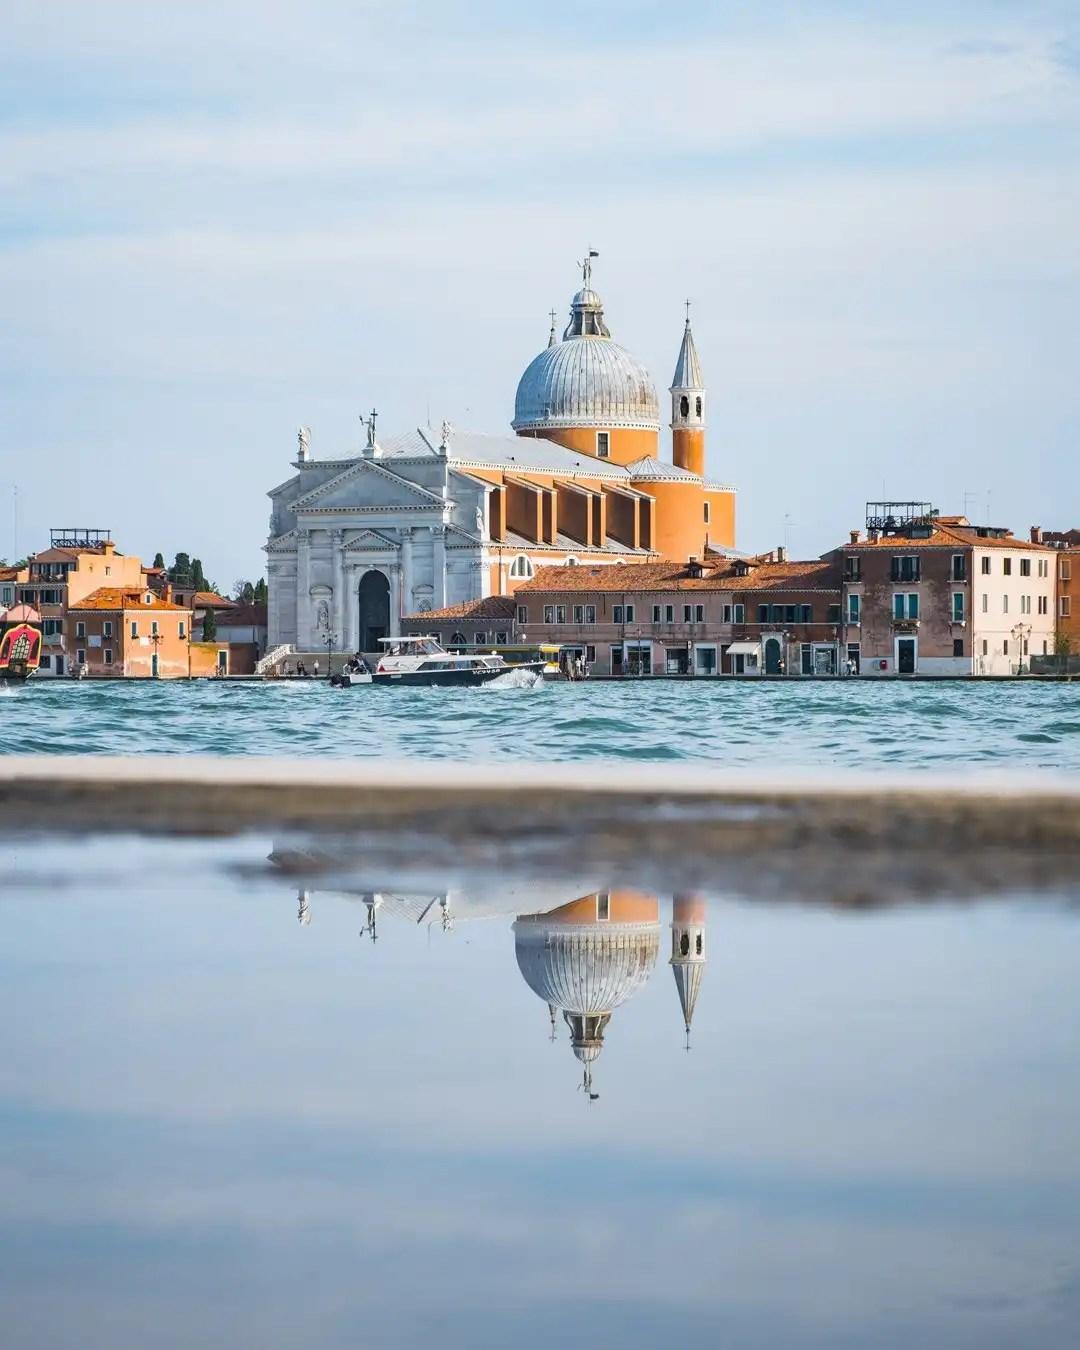 Chiesa del redentore Venezia